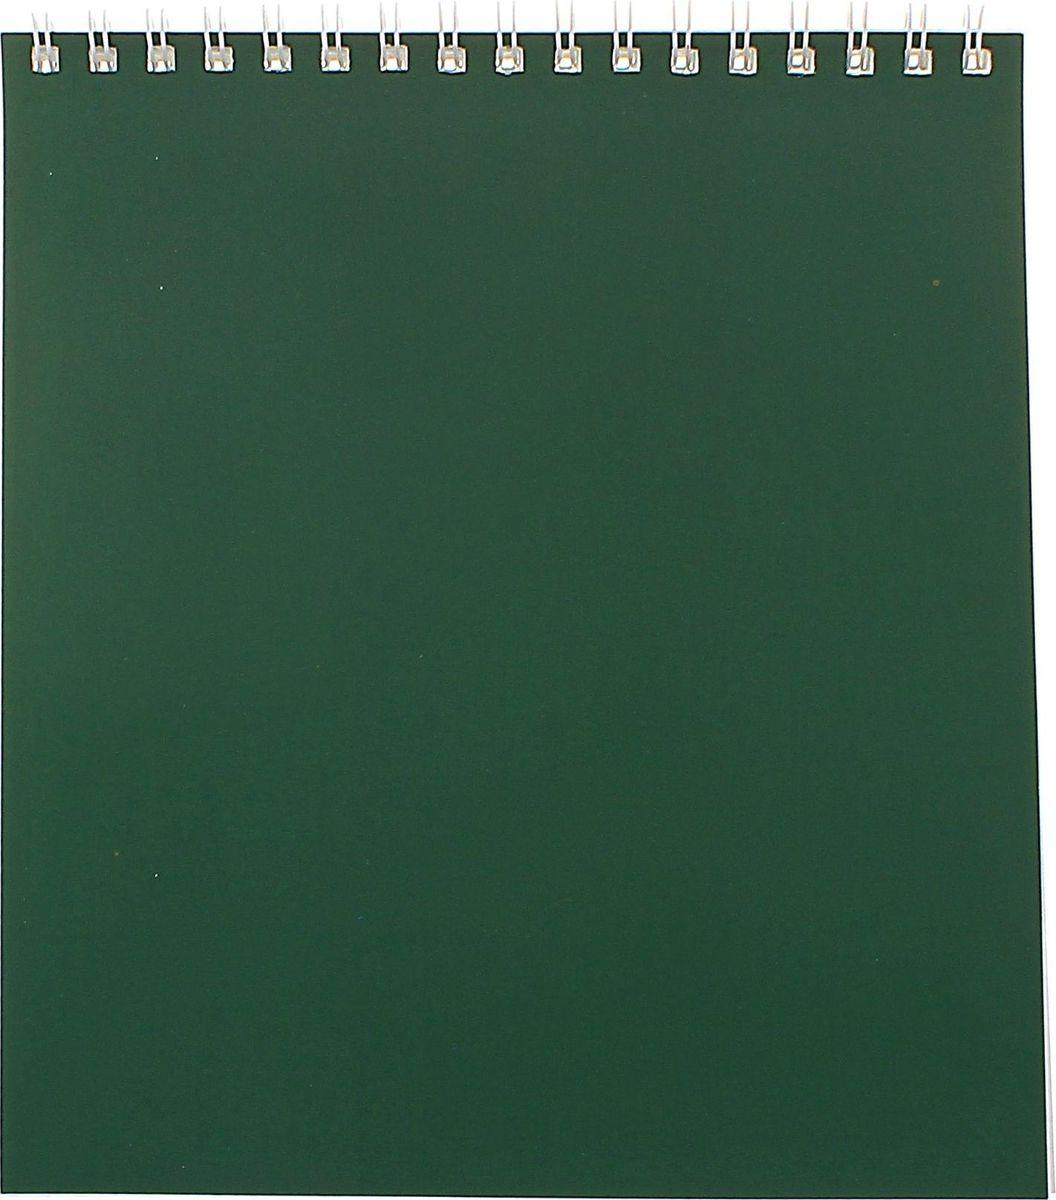 ПЗБФ Блокнот Корпоративный 40 листов цвет зеленый Формат A51705054Блокнот ПЗБФ Корпоративный формата A5 предназначен для записей и заметок. Обложка выполнена из картона. Внутренний блок содержит 40 листов в клетку. Такой аксессуар прекрасно подойдет для фиксации повседневных дел.